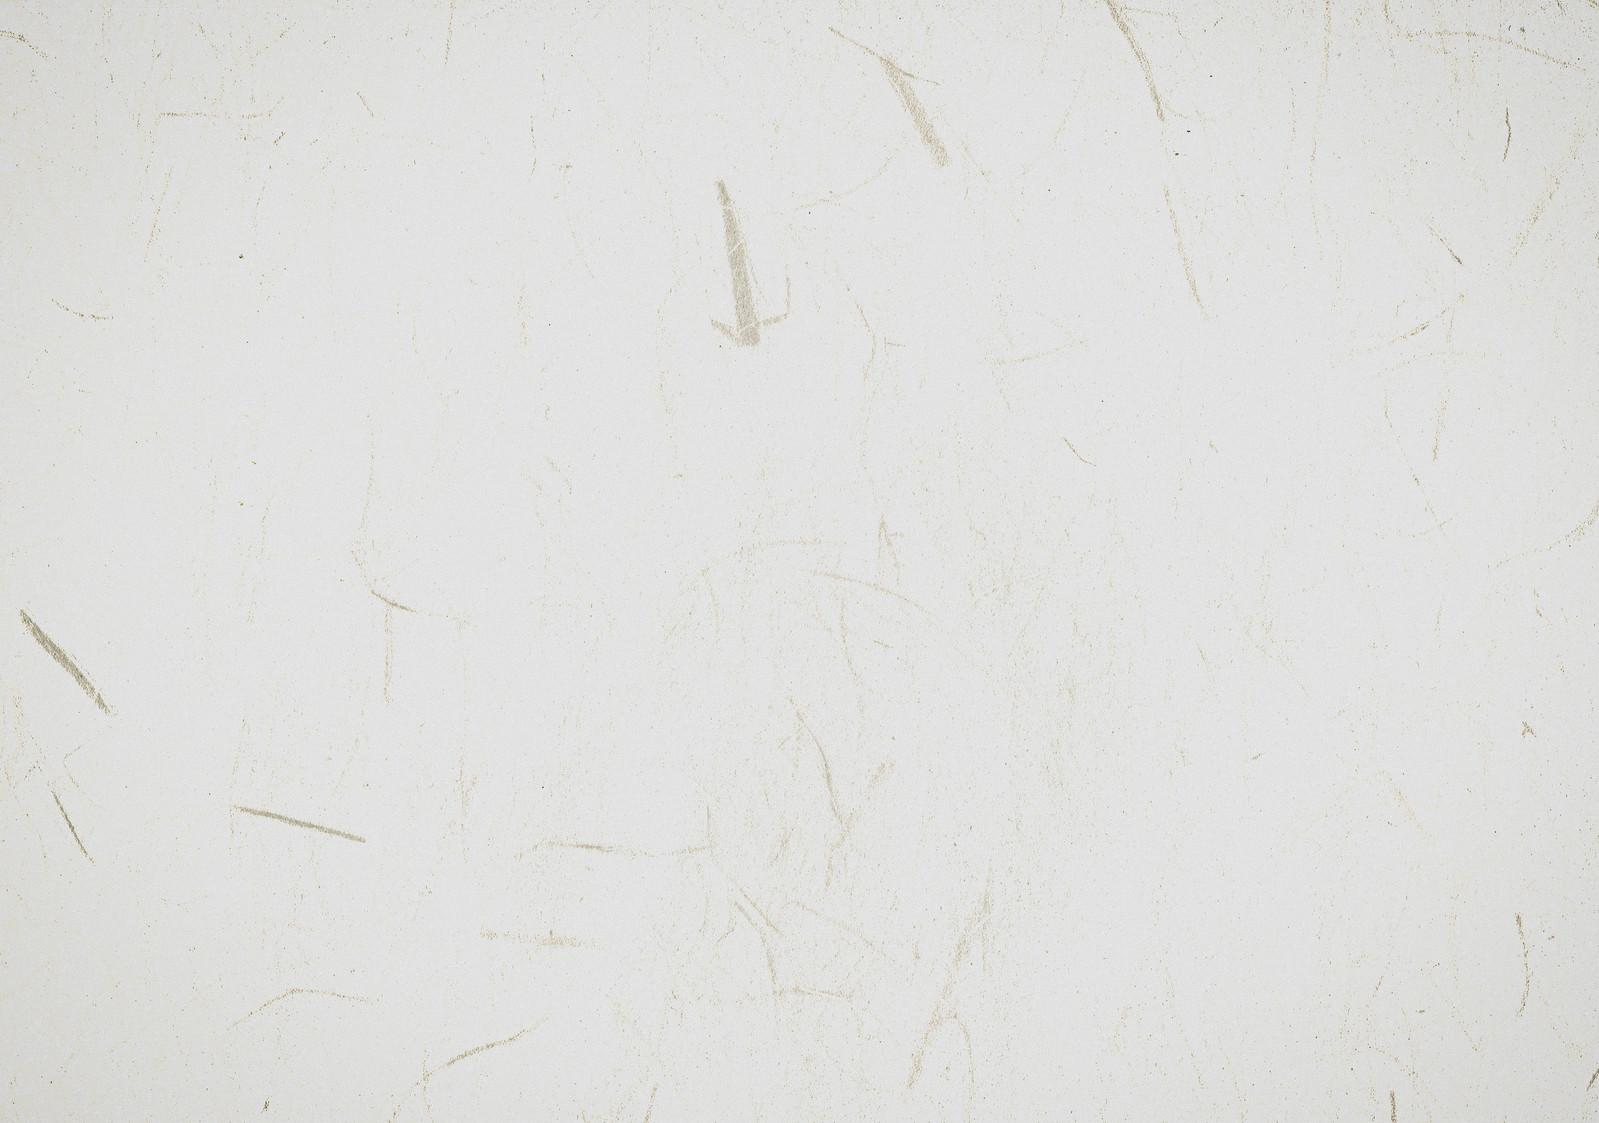 「和紙のテクスチャ」の写真